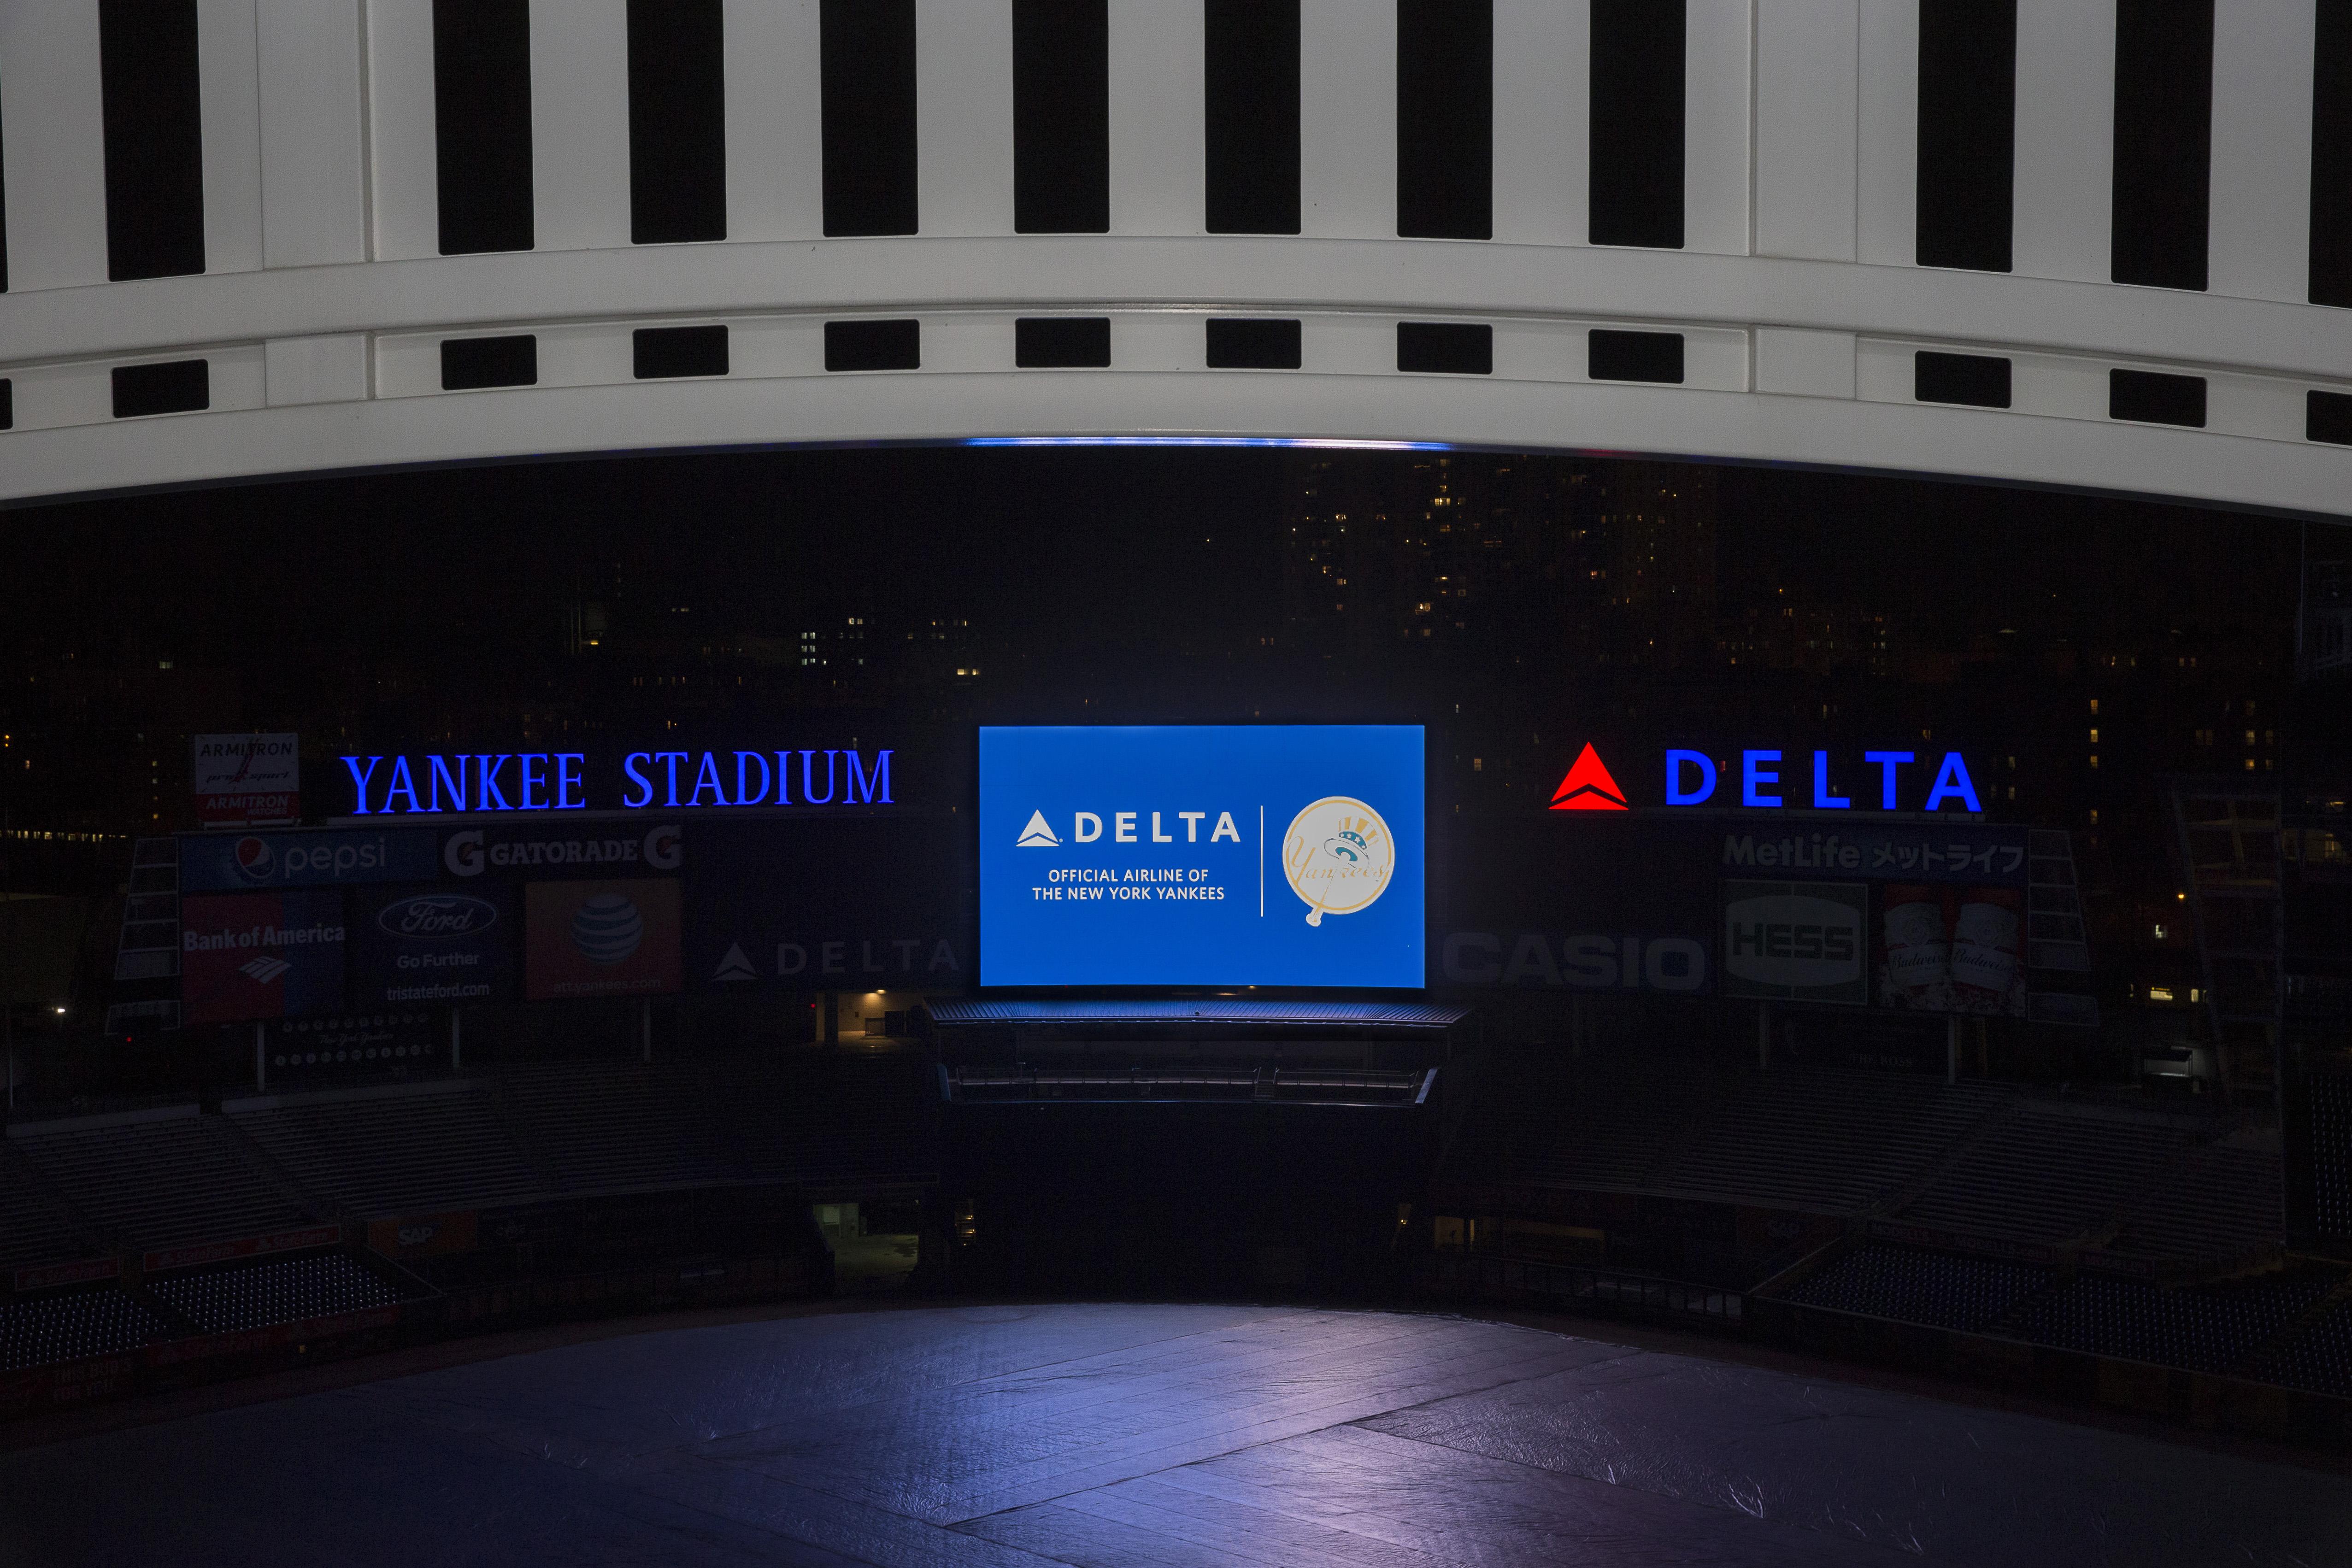 Yankee Stadium at night